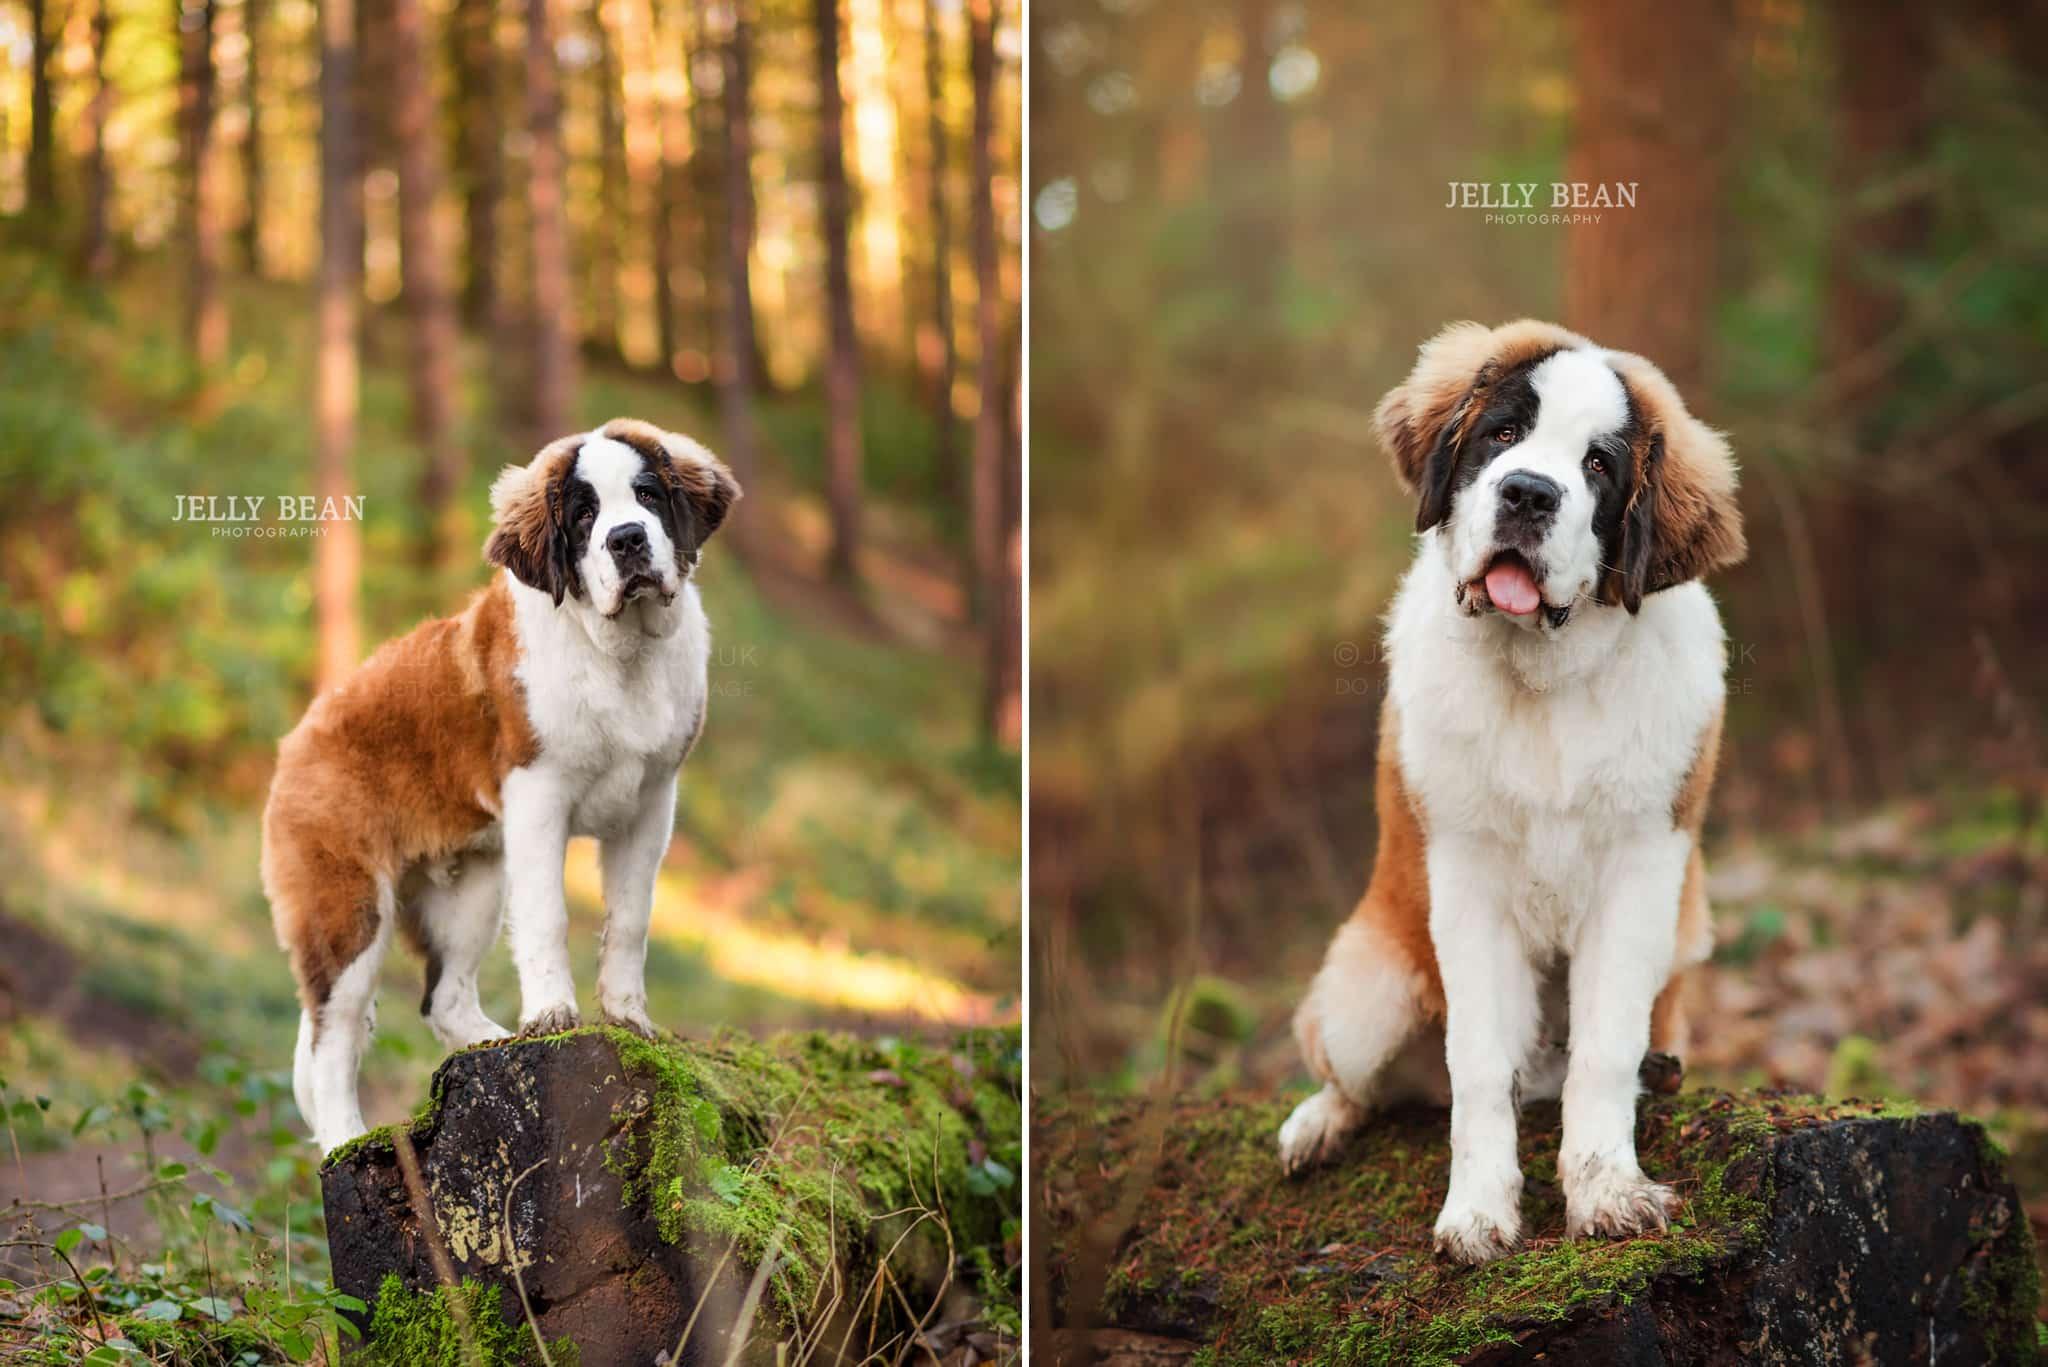 St Bernard puppy standing on a log